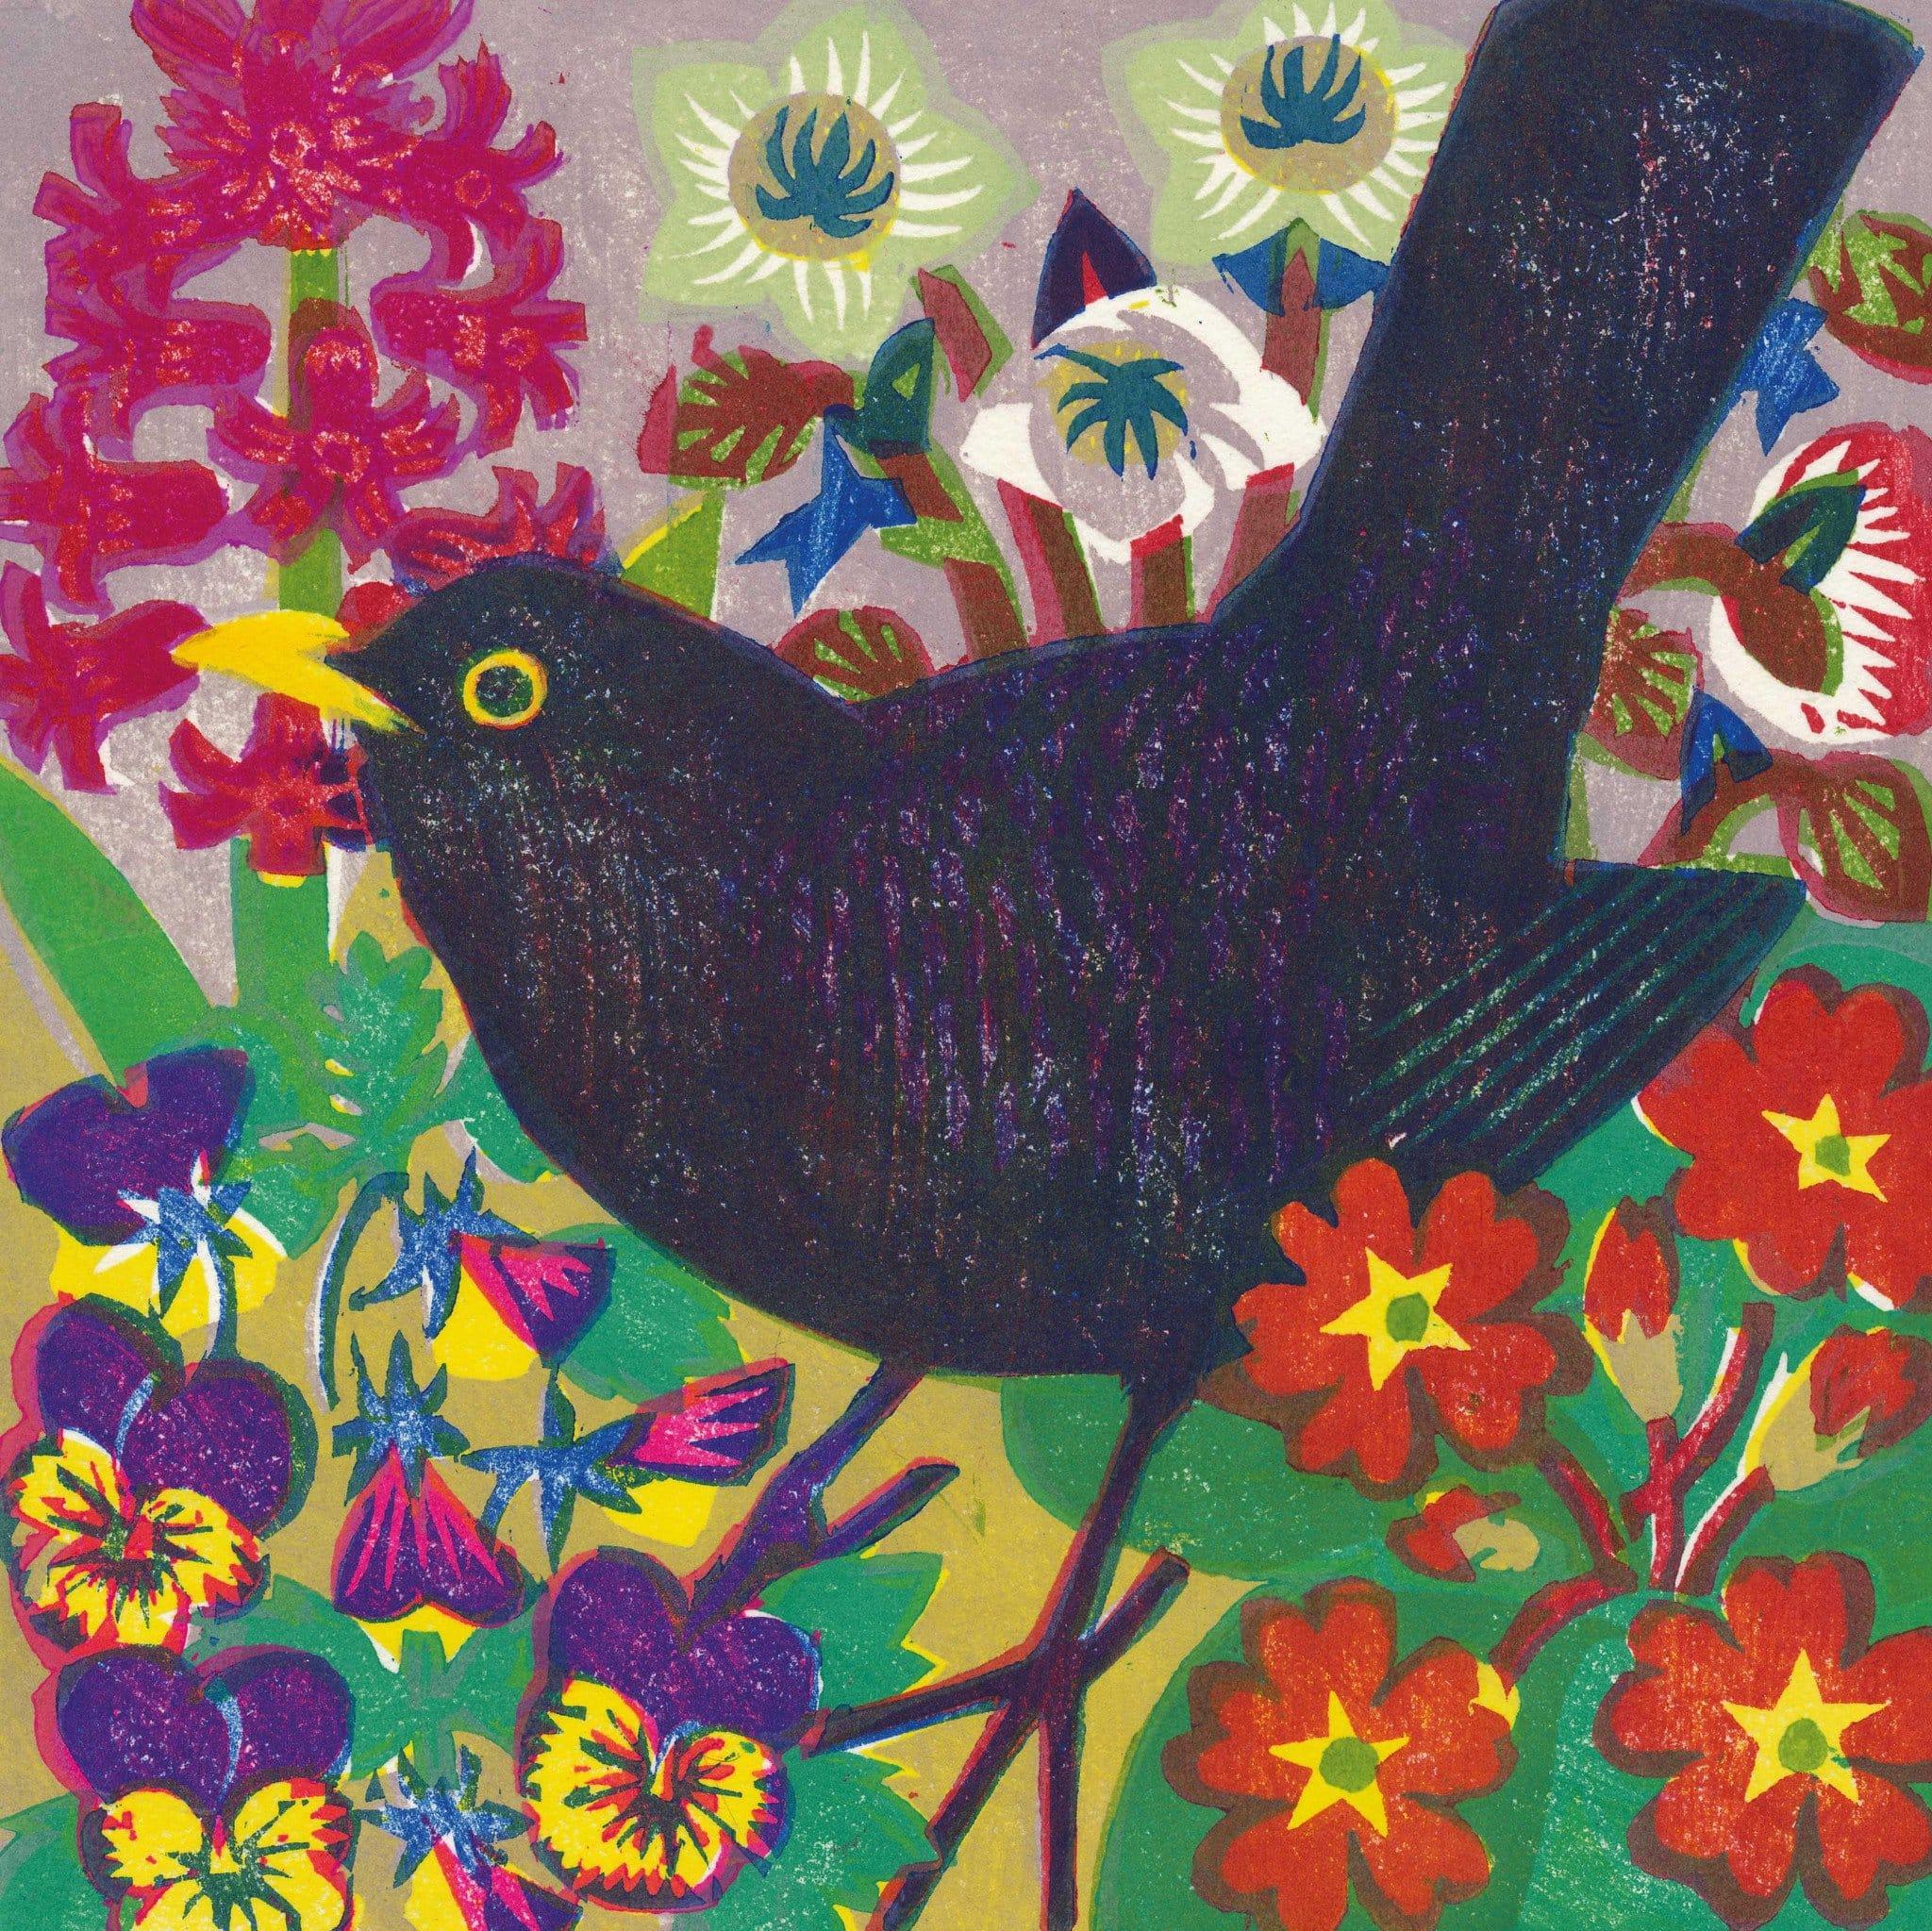 Mt 001 Spring Blackbird By Matthew Underwood